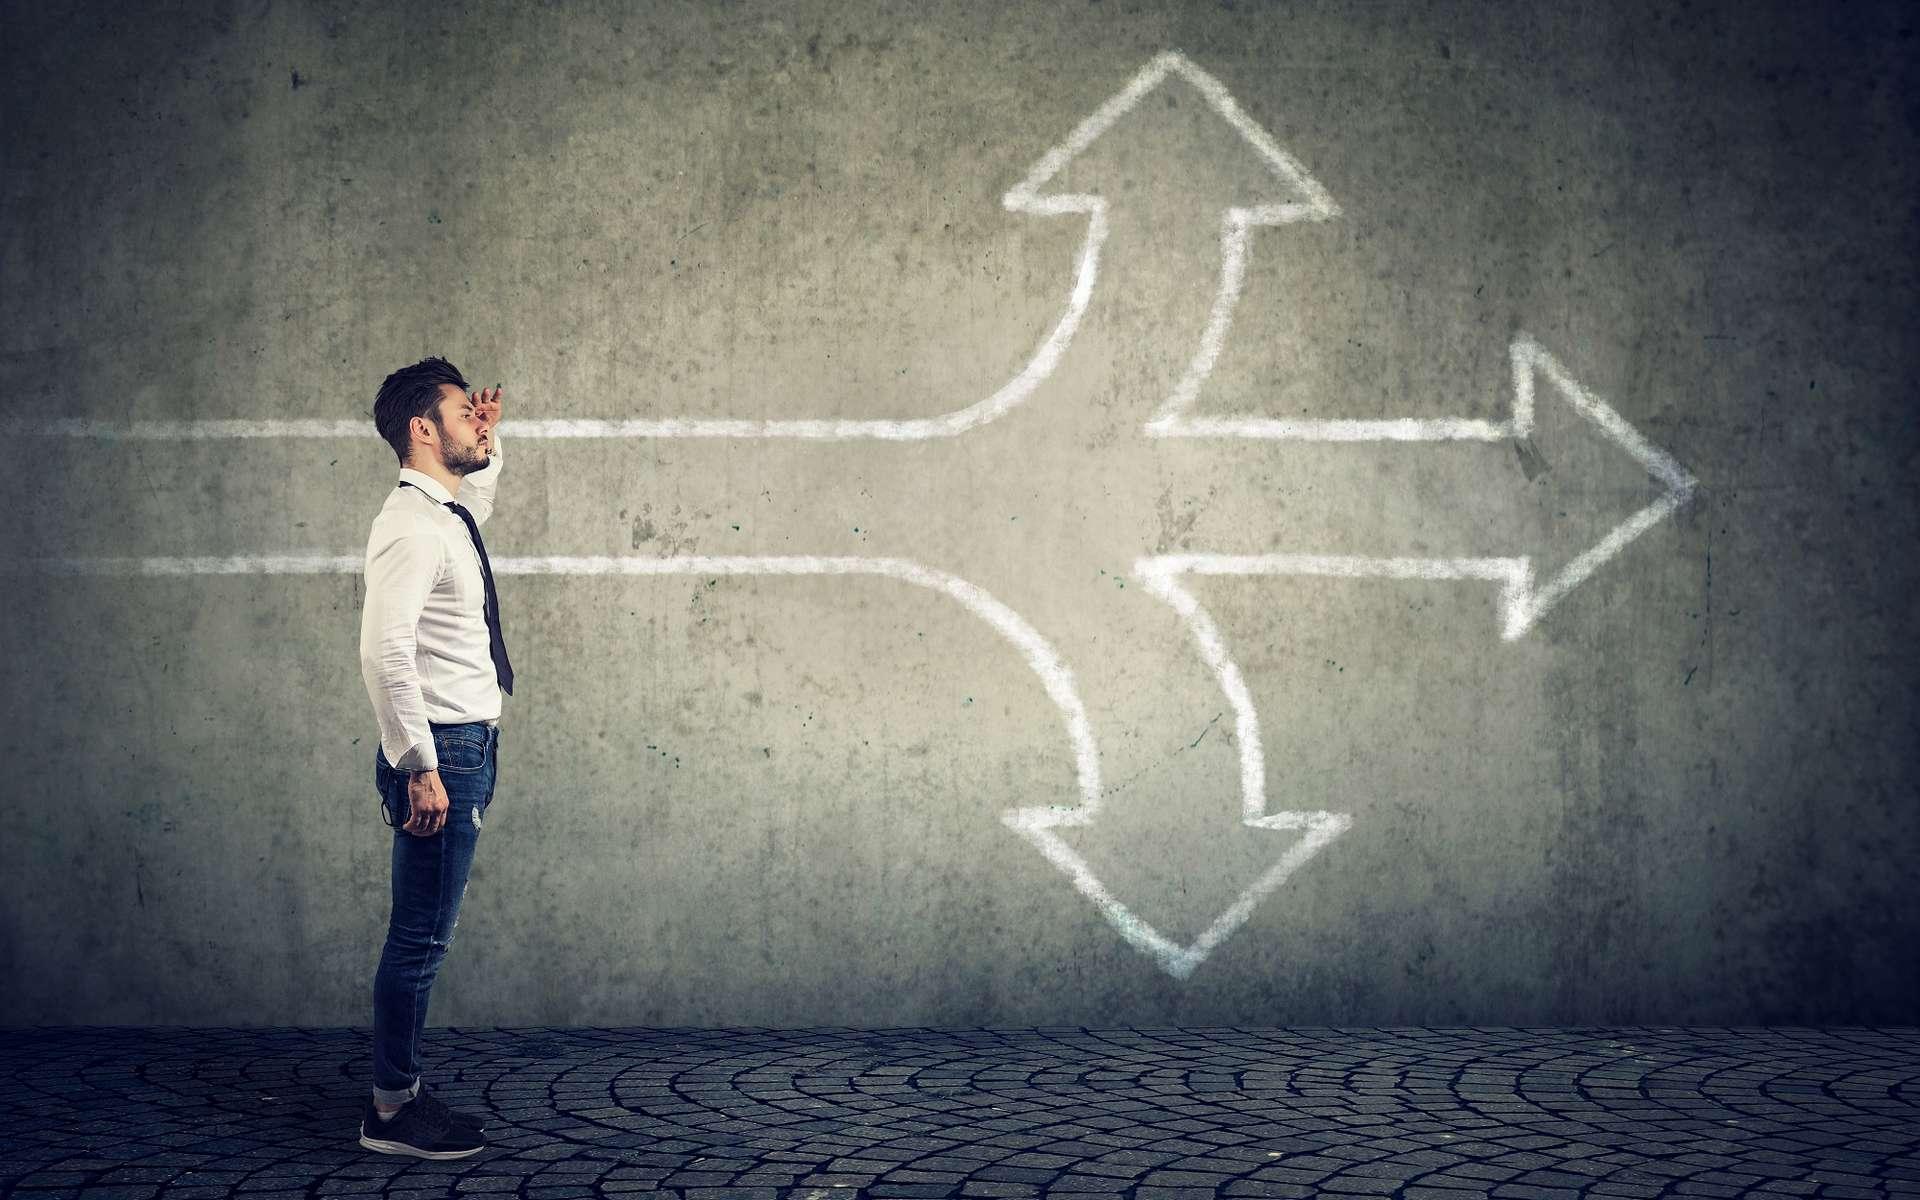 Une reconversion professionnelle ne se fait pas en quelques semaines. Un moment de réflexion est nécessaire pour trouver sa voie et le métier vers lequel on a envie de se diriger. © pathdoc, Adobe Stock.